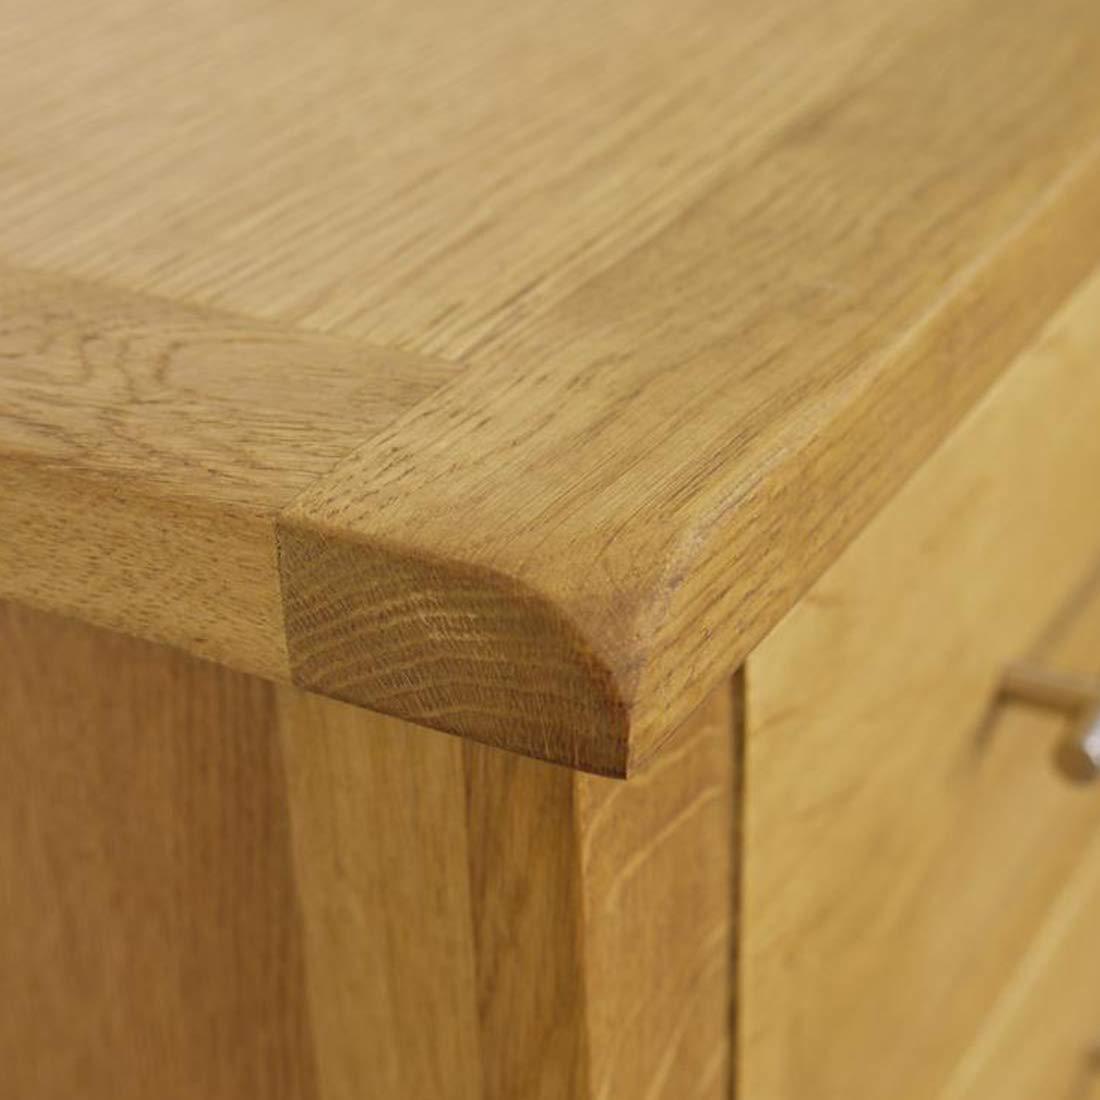 3 Drawer Bedside Unit//Bedroom Furniture Lamp Cabinet Nebraska Modern Oak Bedside Table